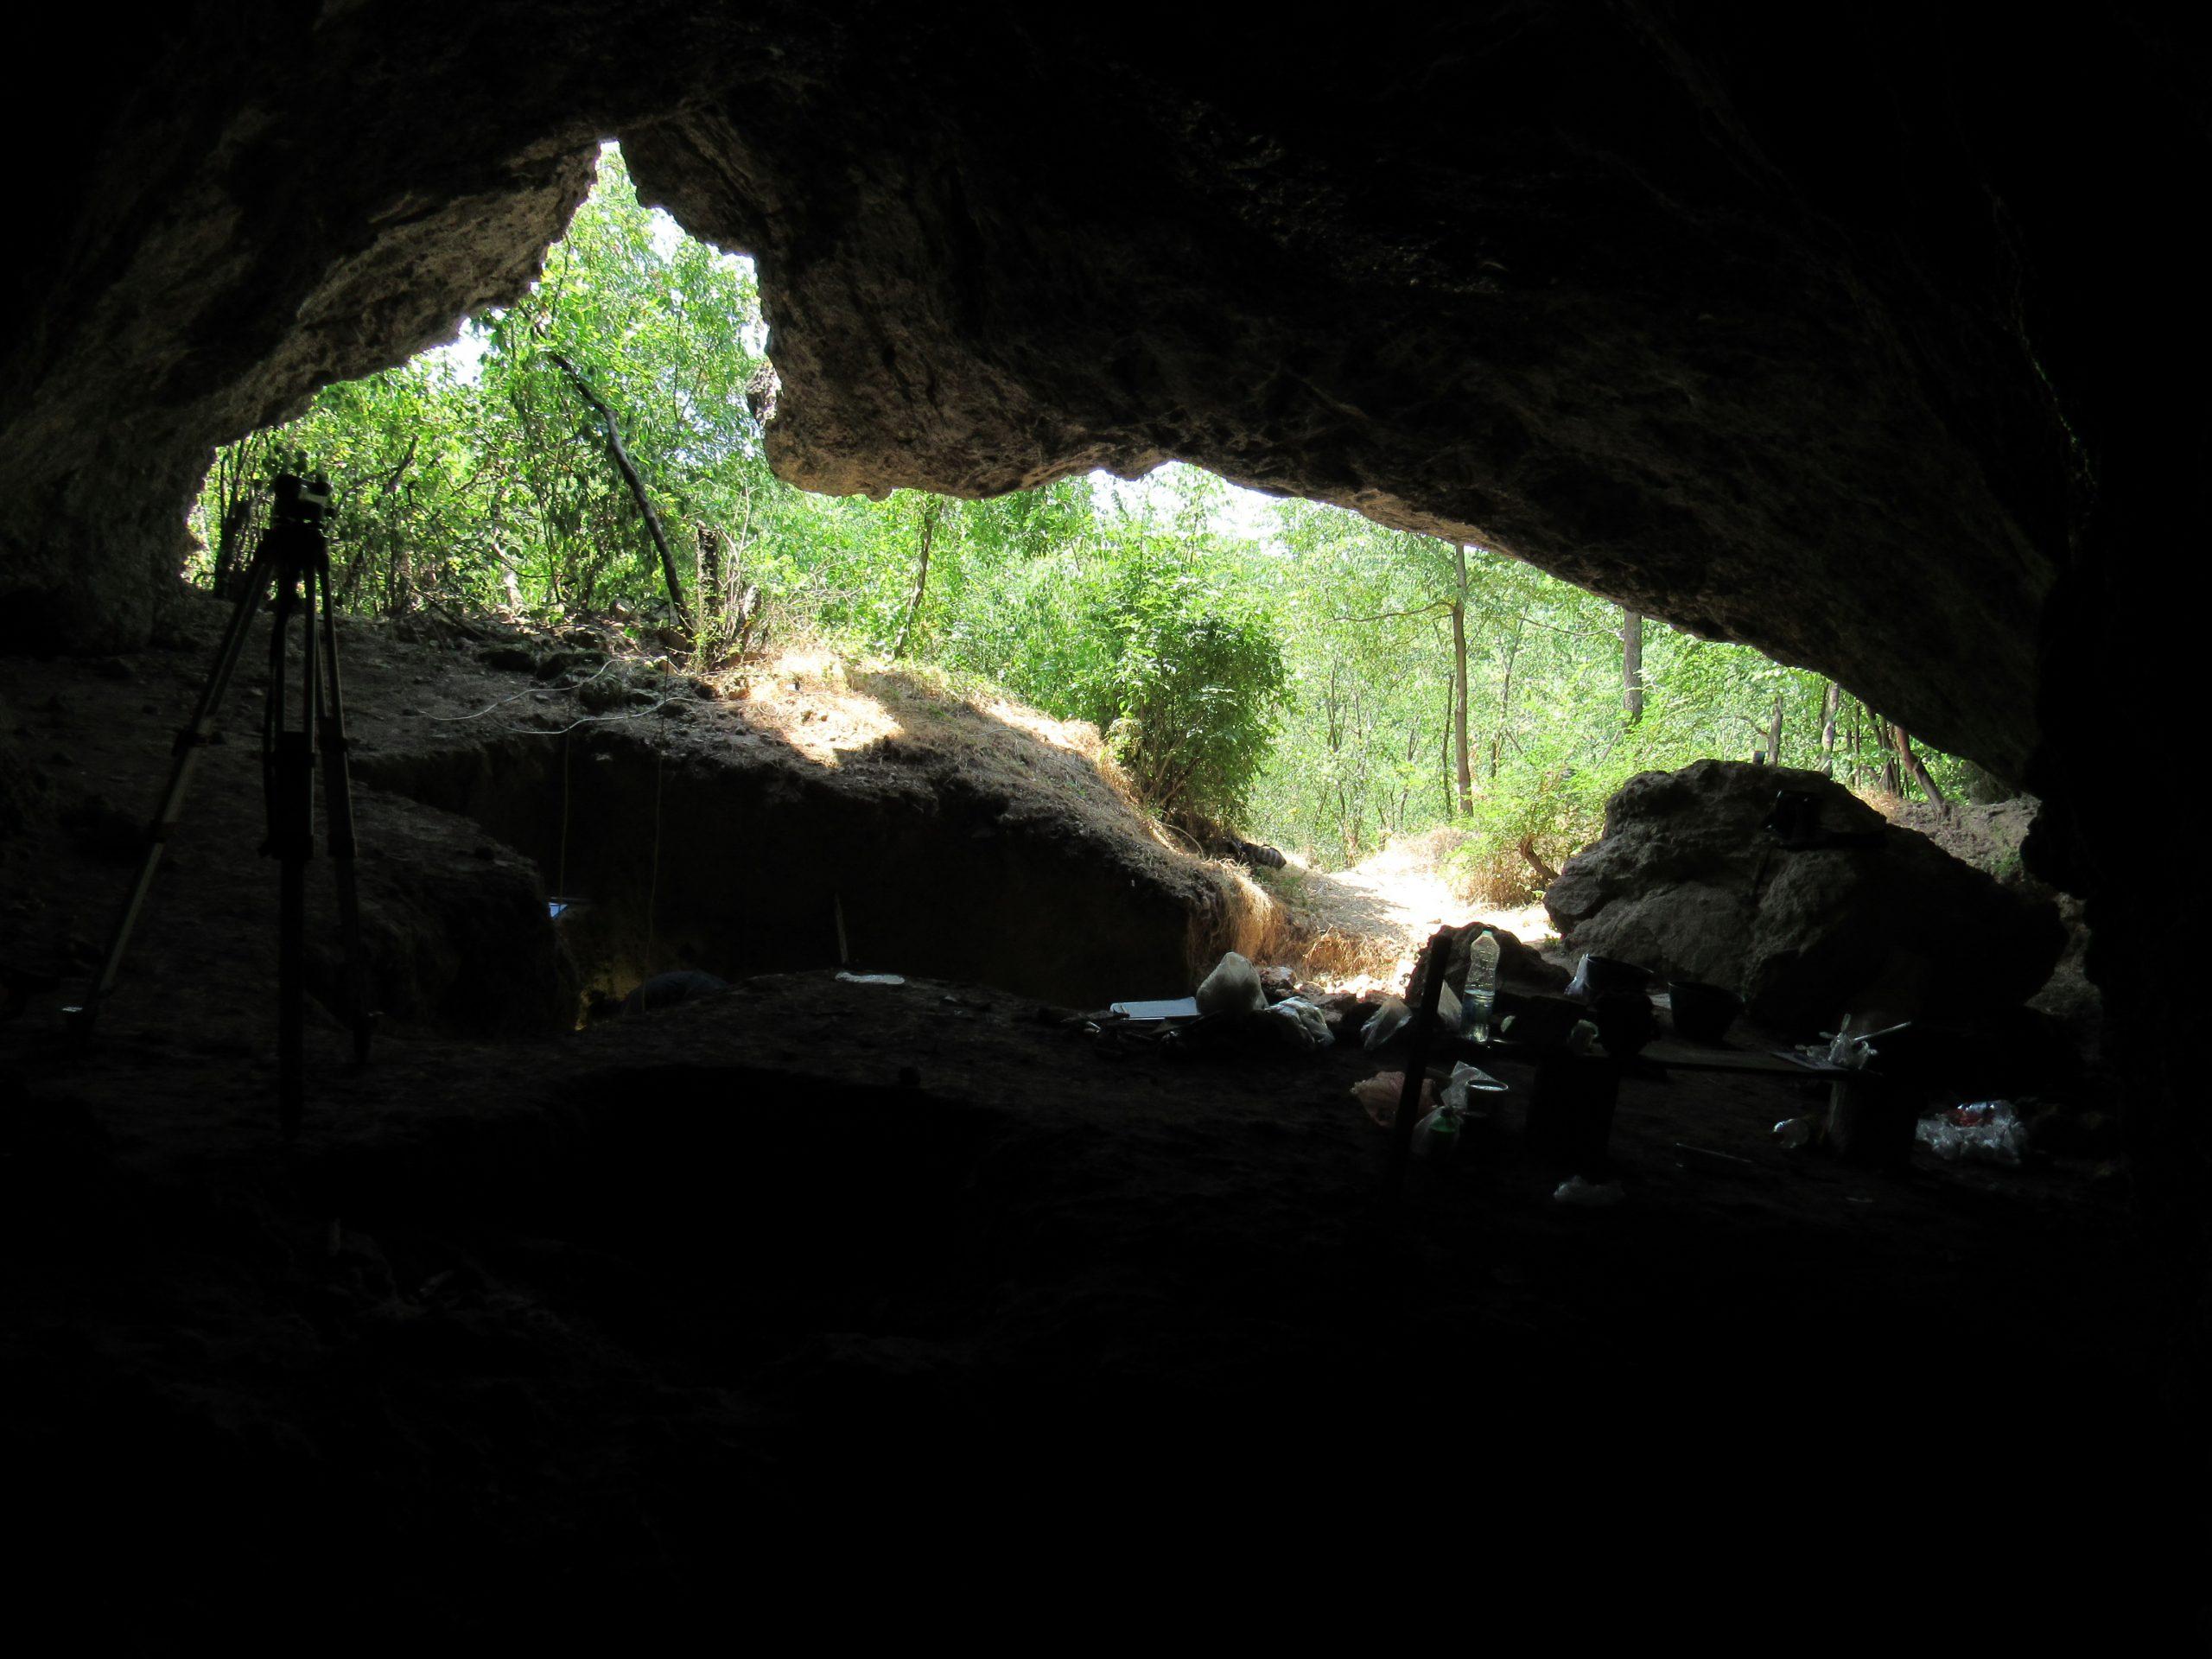 Nova saznanja o oralnom mikrobiomu neandertalaca 4